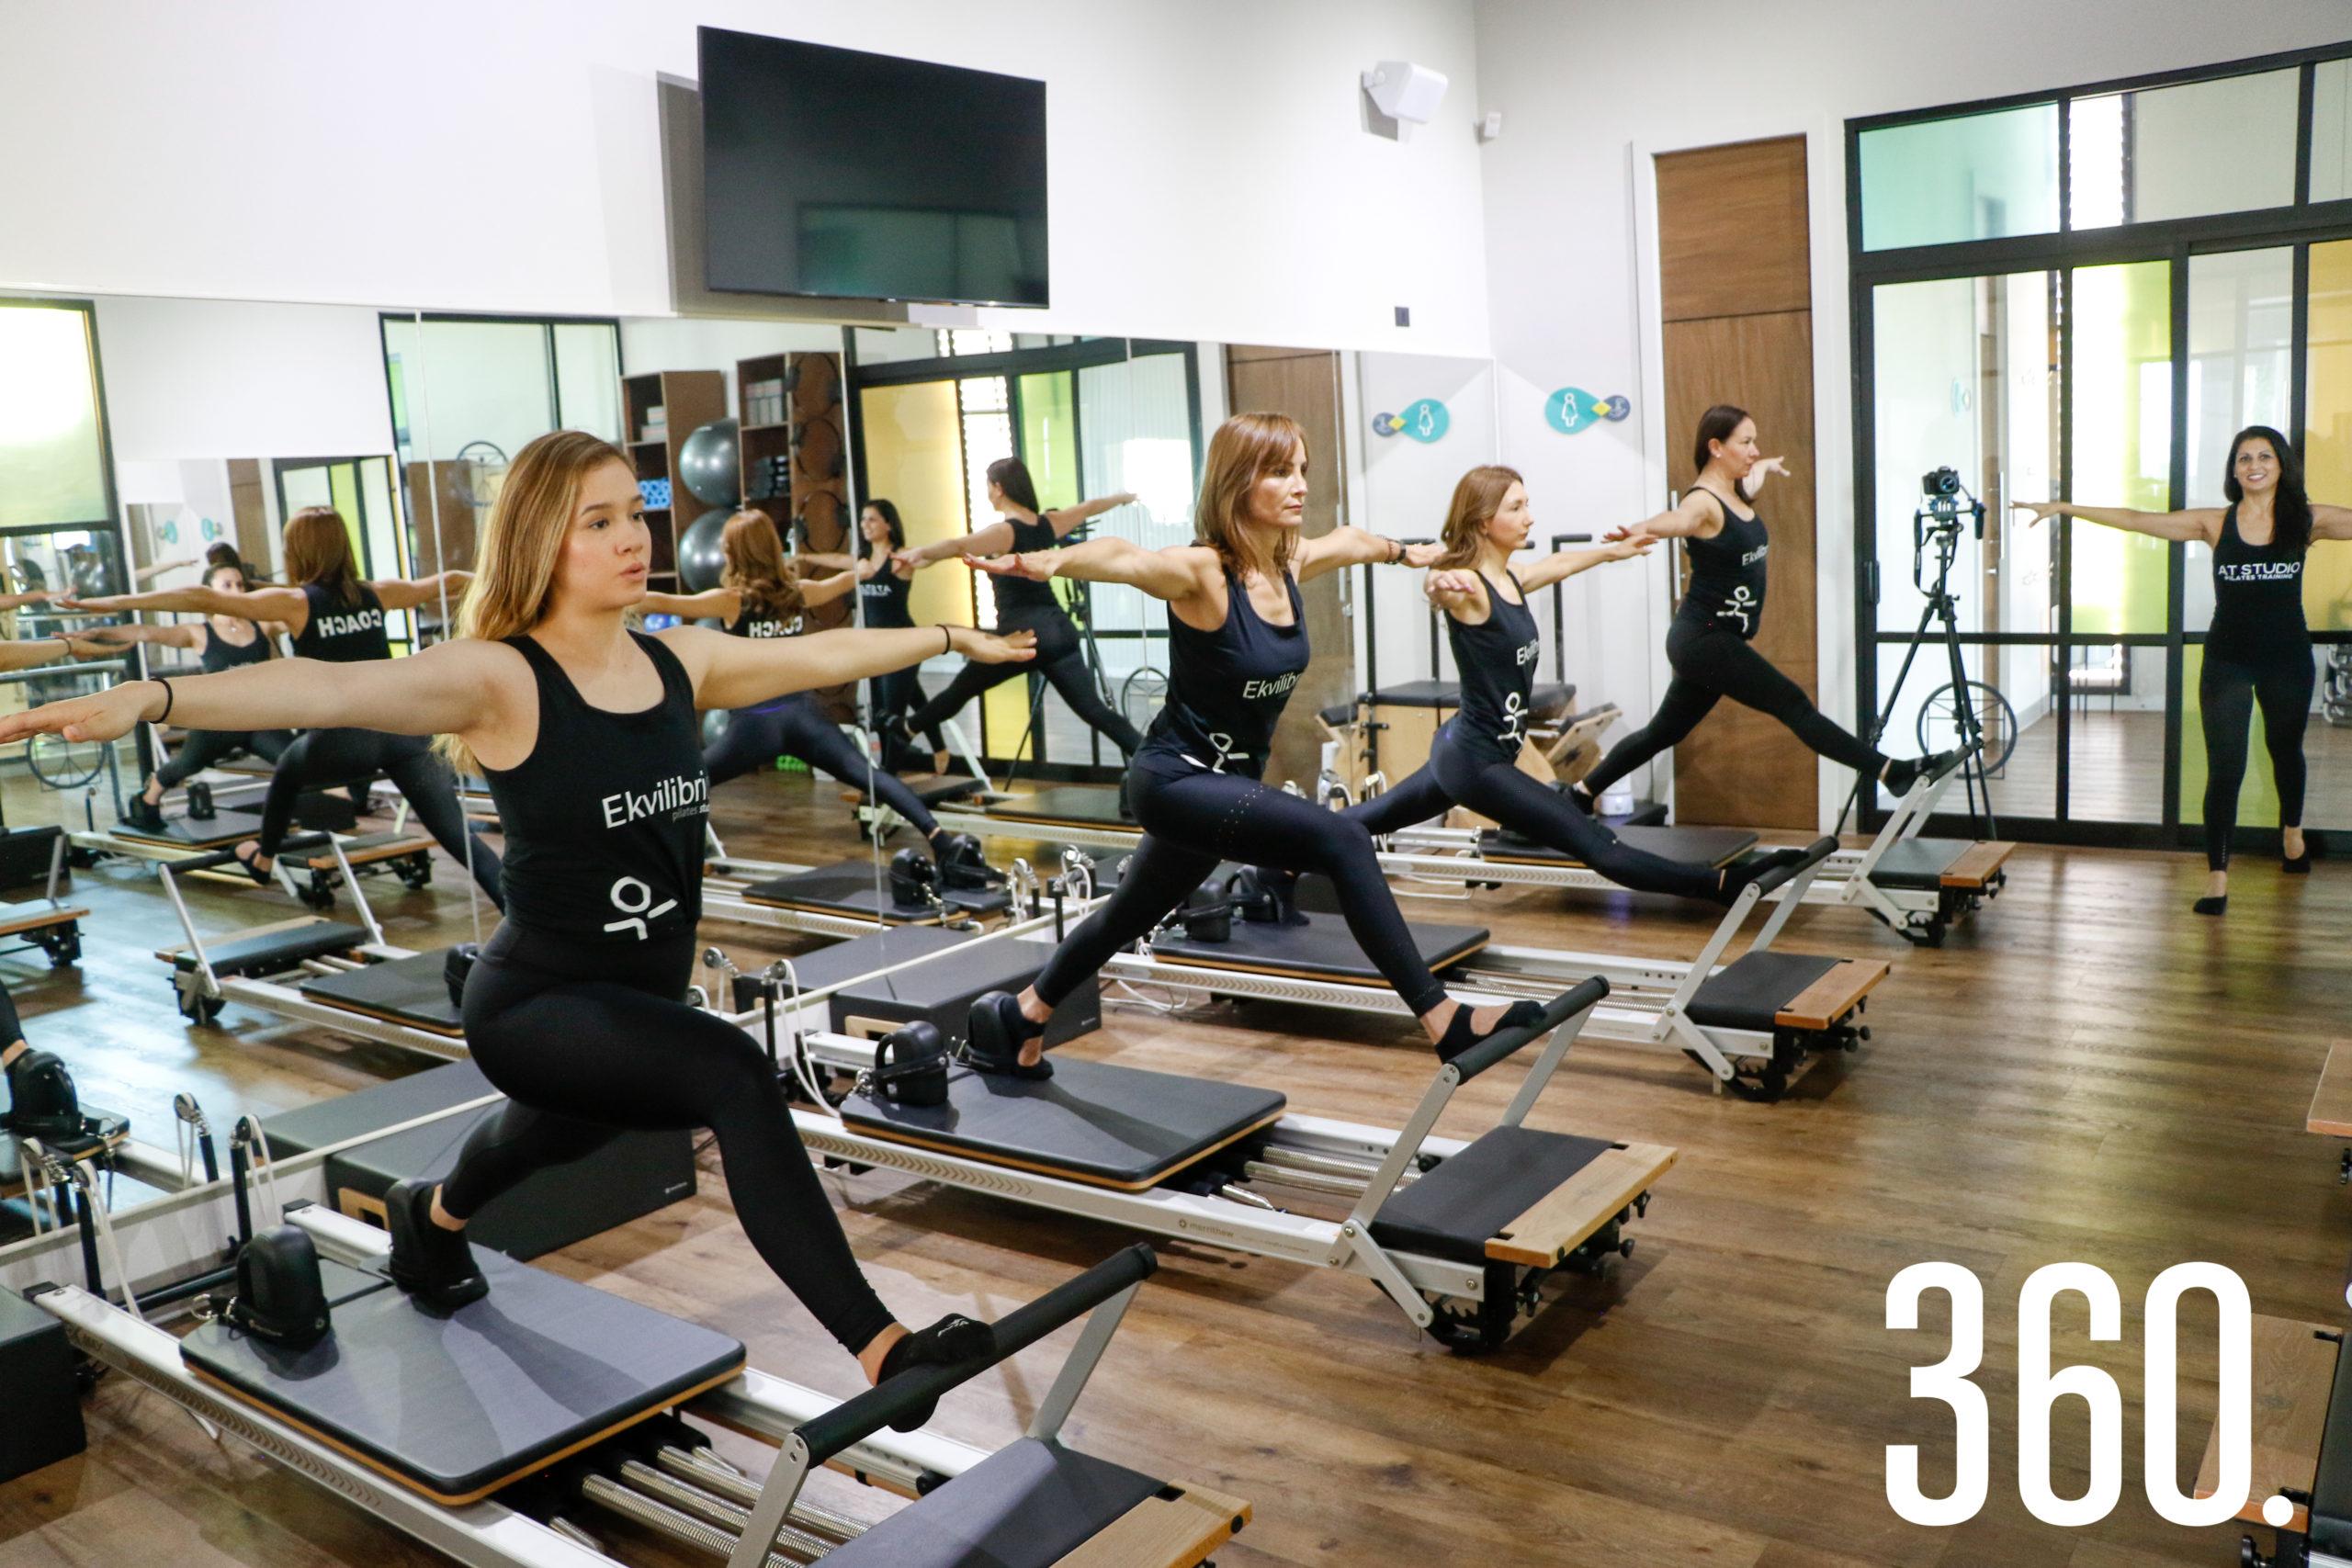 Además, aprenden bases biomecánicas, anatomía y el por qué de cada ejercicio.